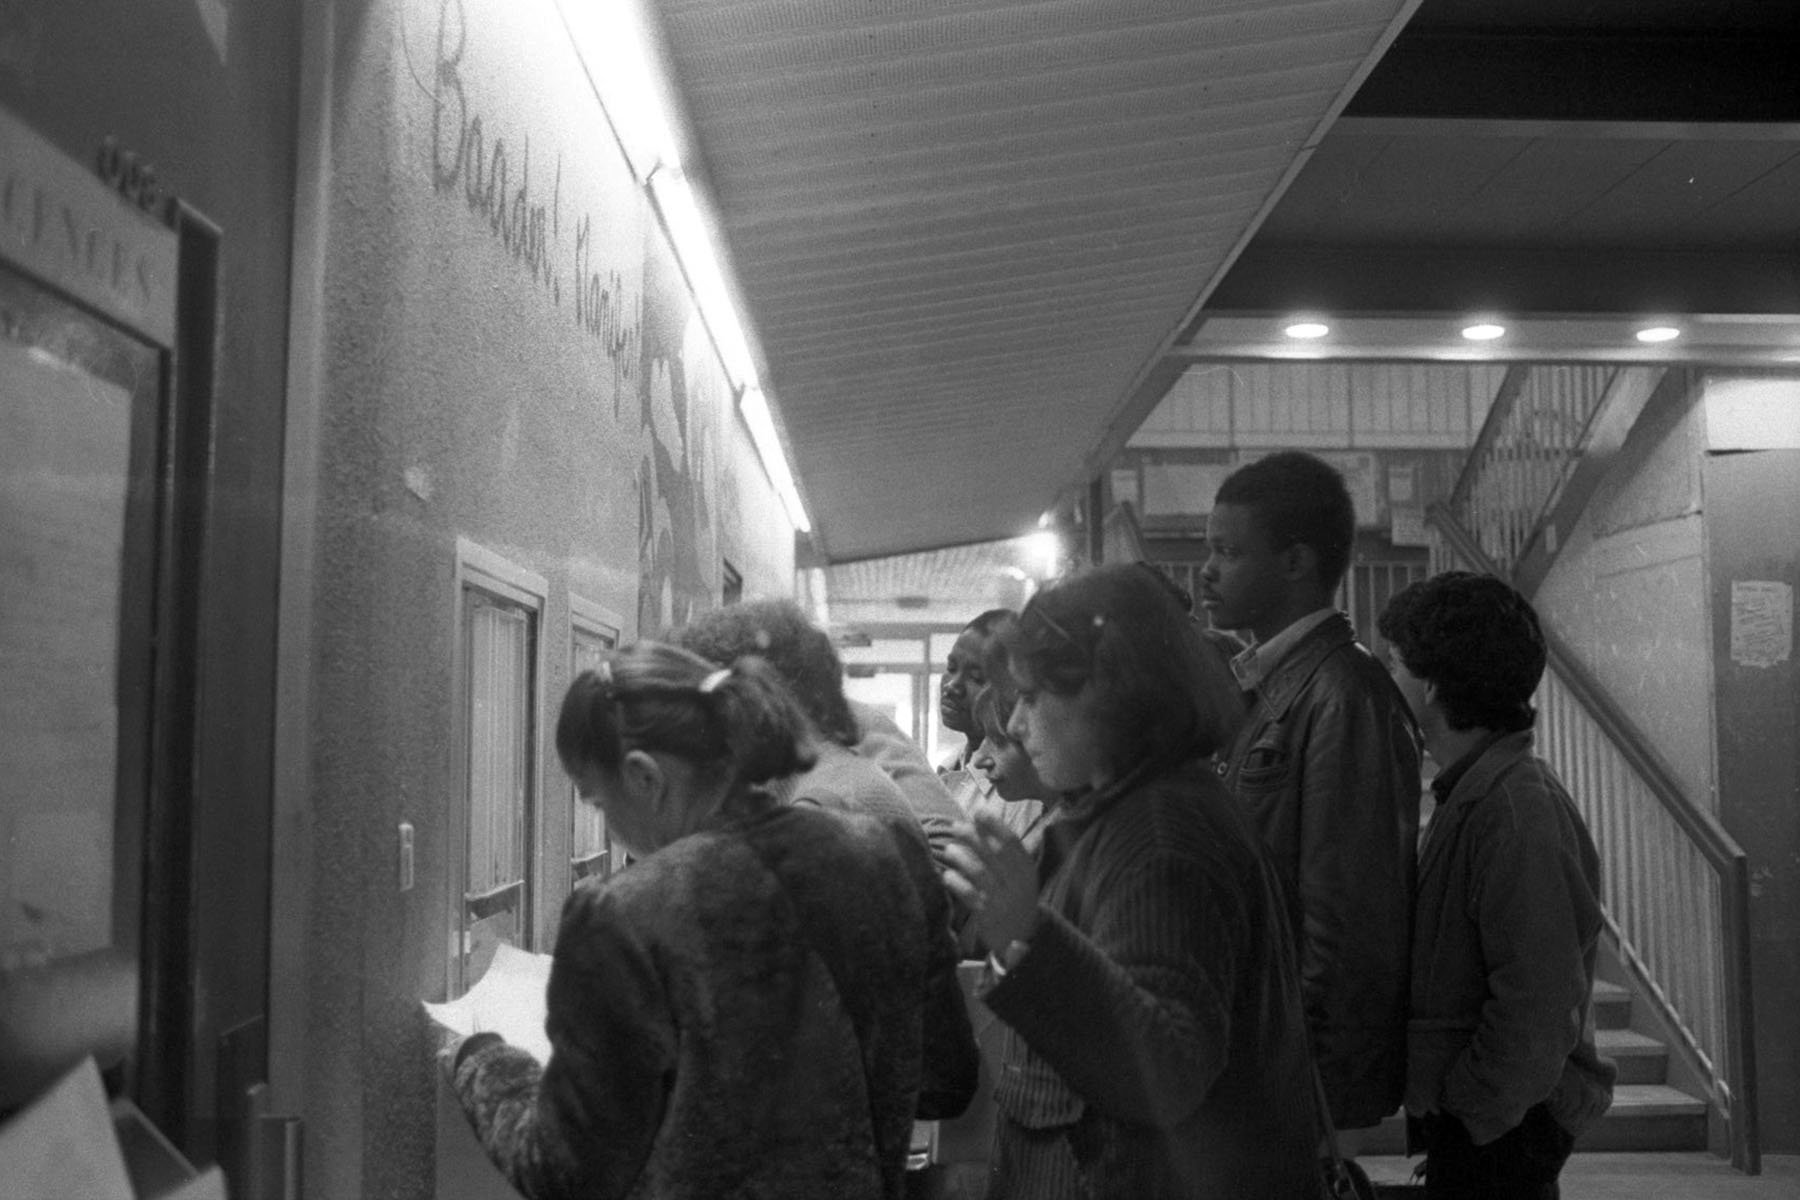 vincennes-etudiants-1980-licence-1800